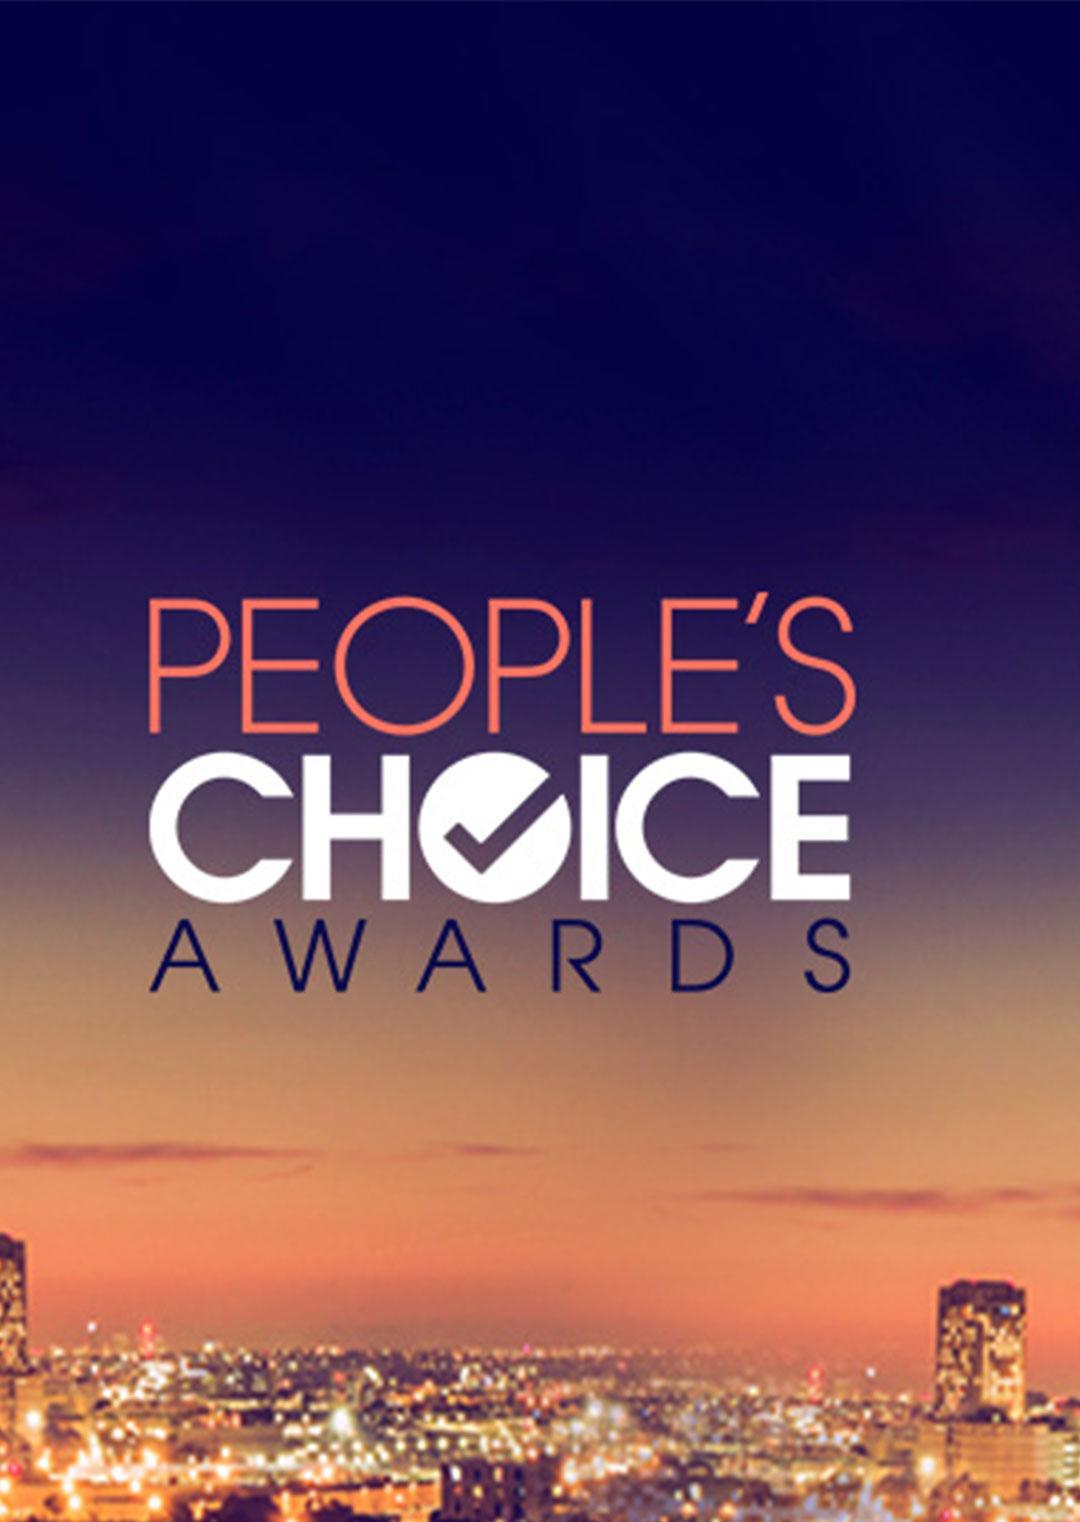 2016人民选择奖颁奖典礼 - 视频在线观看 - 第42届人民选择奖